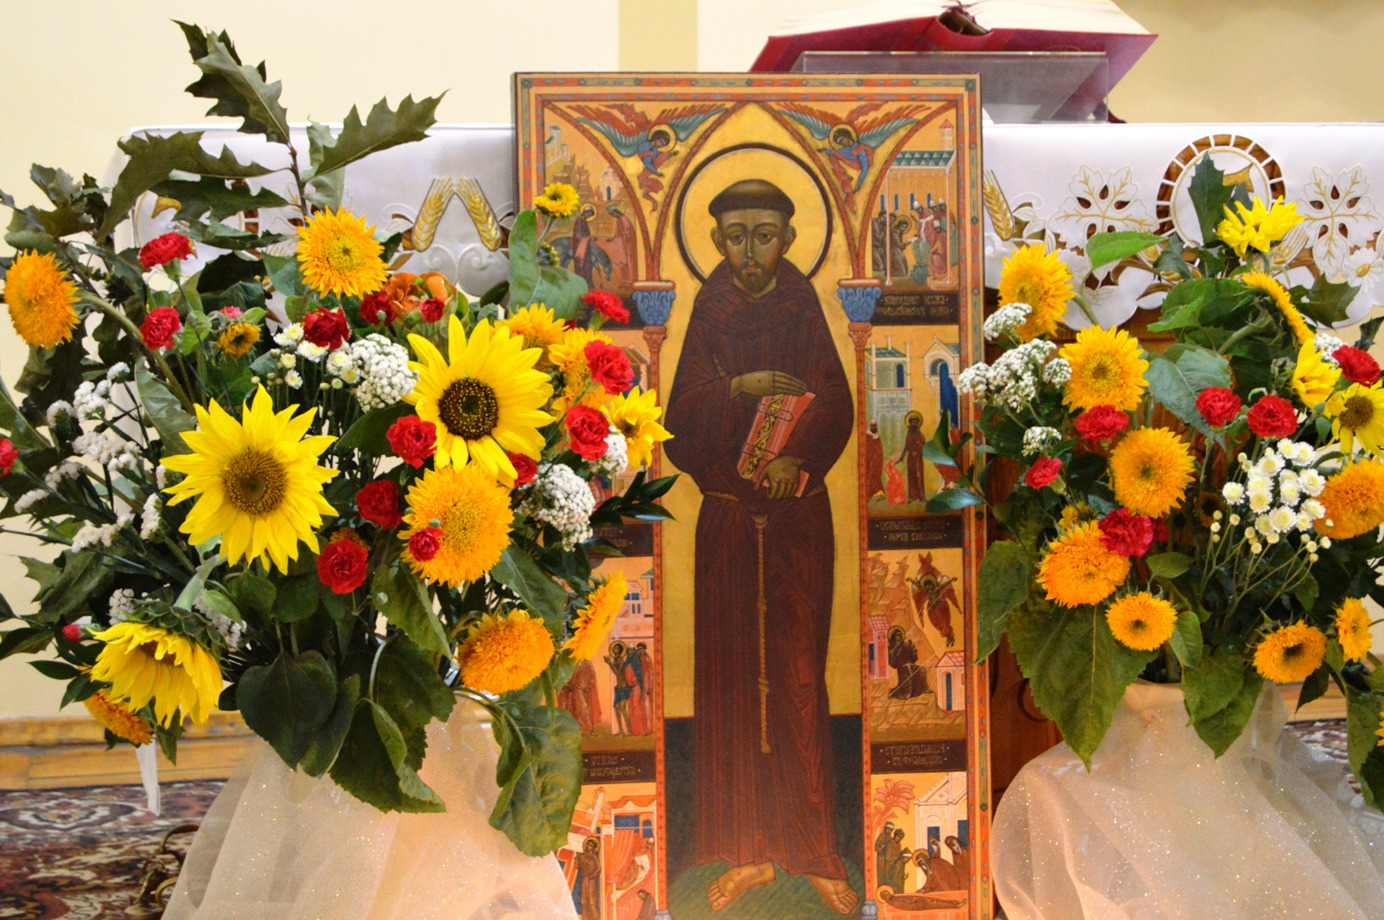 Праздник святого Франциска, день рождения епископа, Pater Seraficus, Pax et Bonum, Laudato si' и многое другое